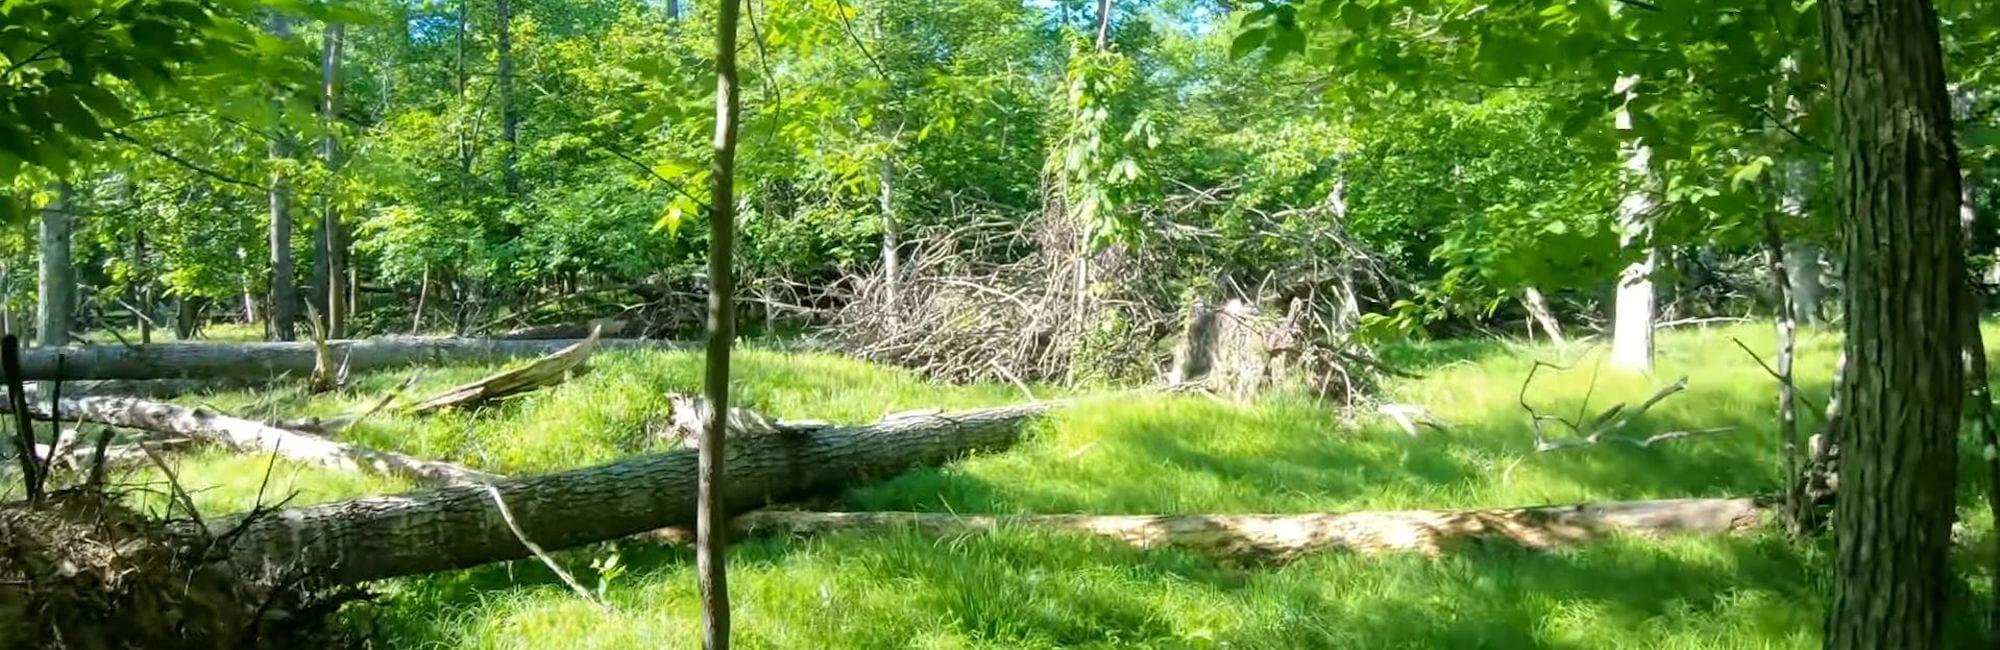 slide-blog-burial-mounds